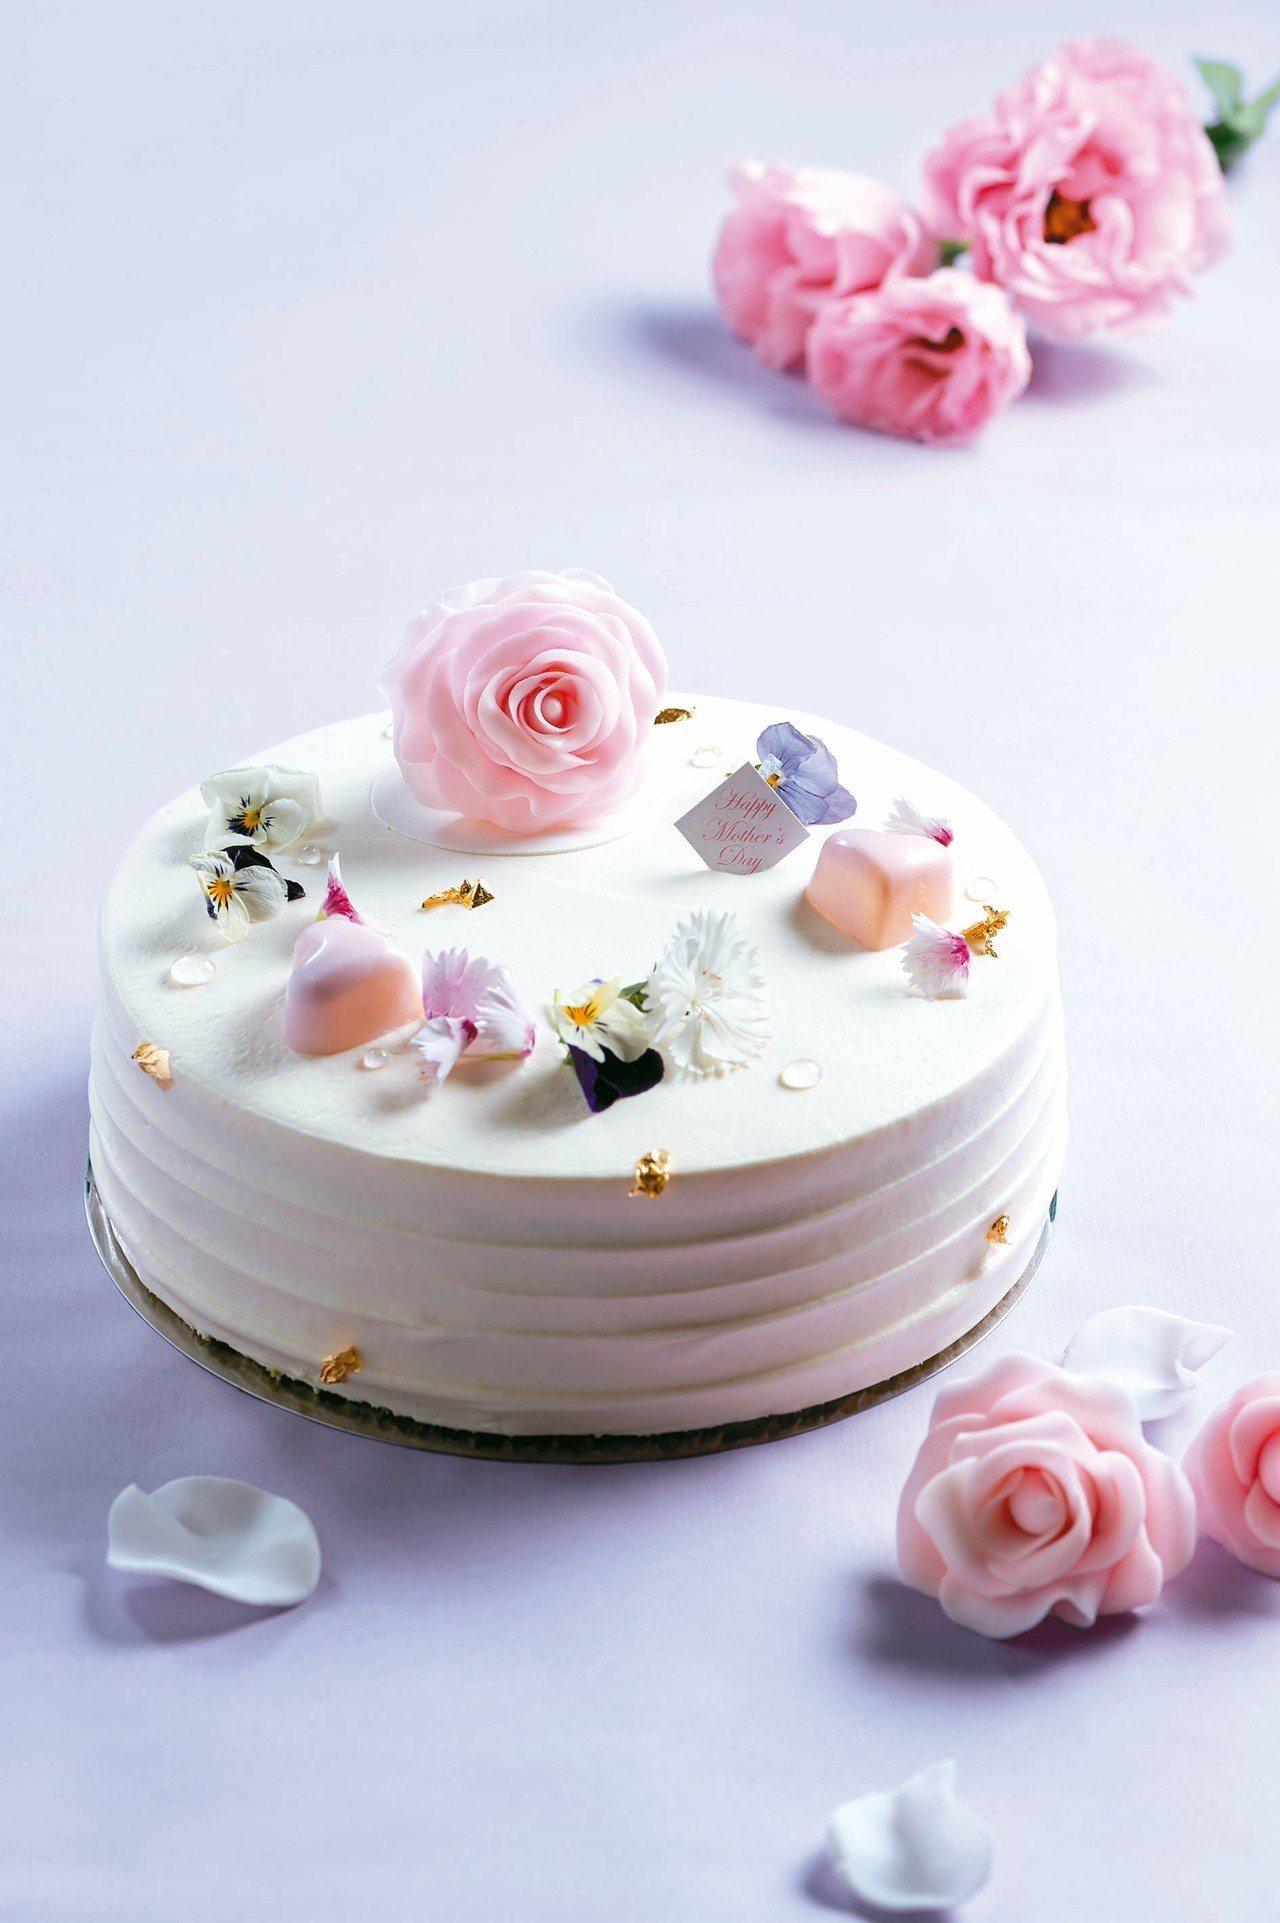 母親節蛋糕「玫瑰馨意」。 圖/台北美福大飯店提供